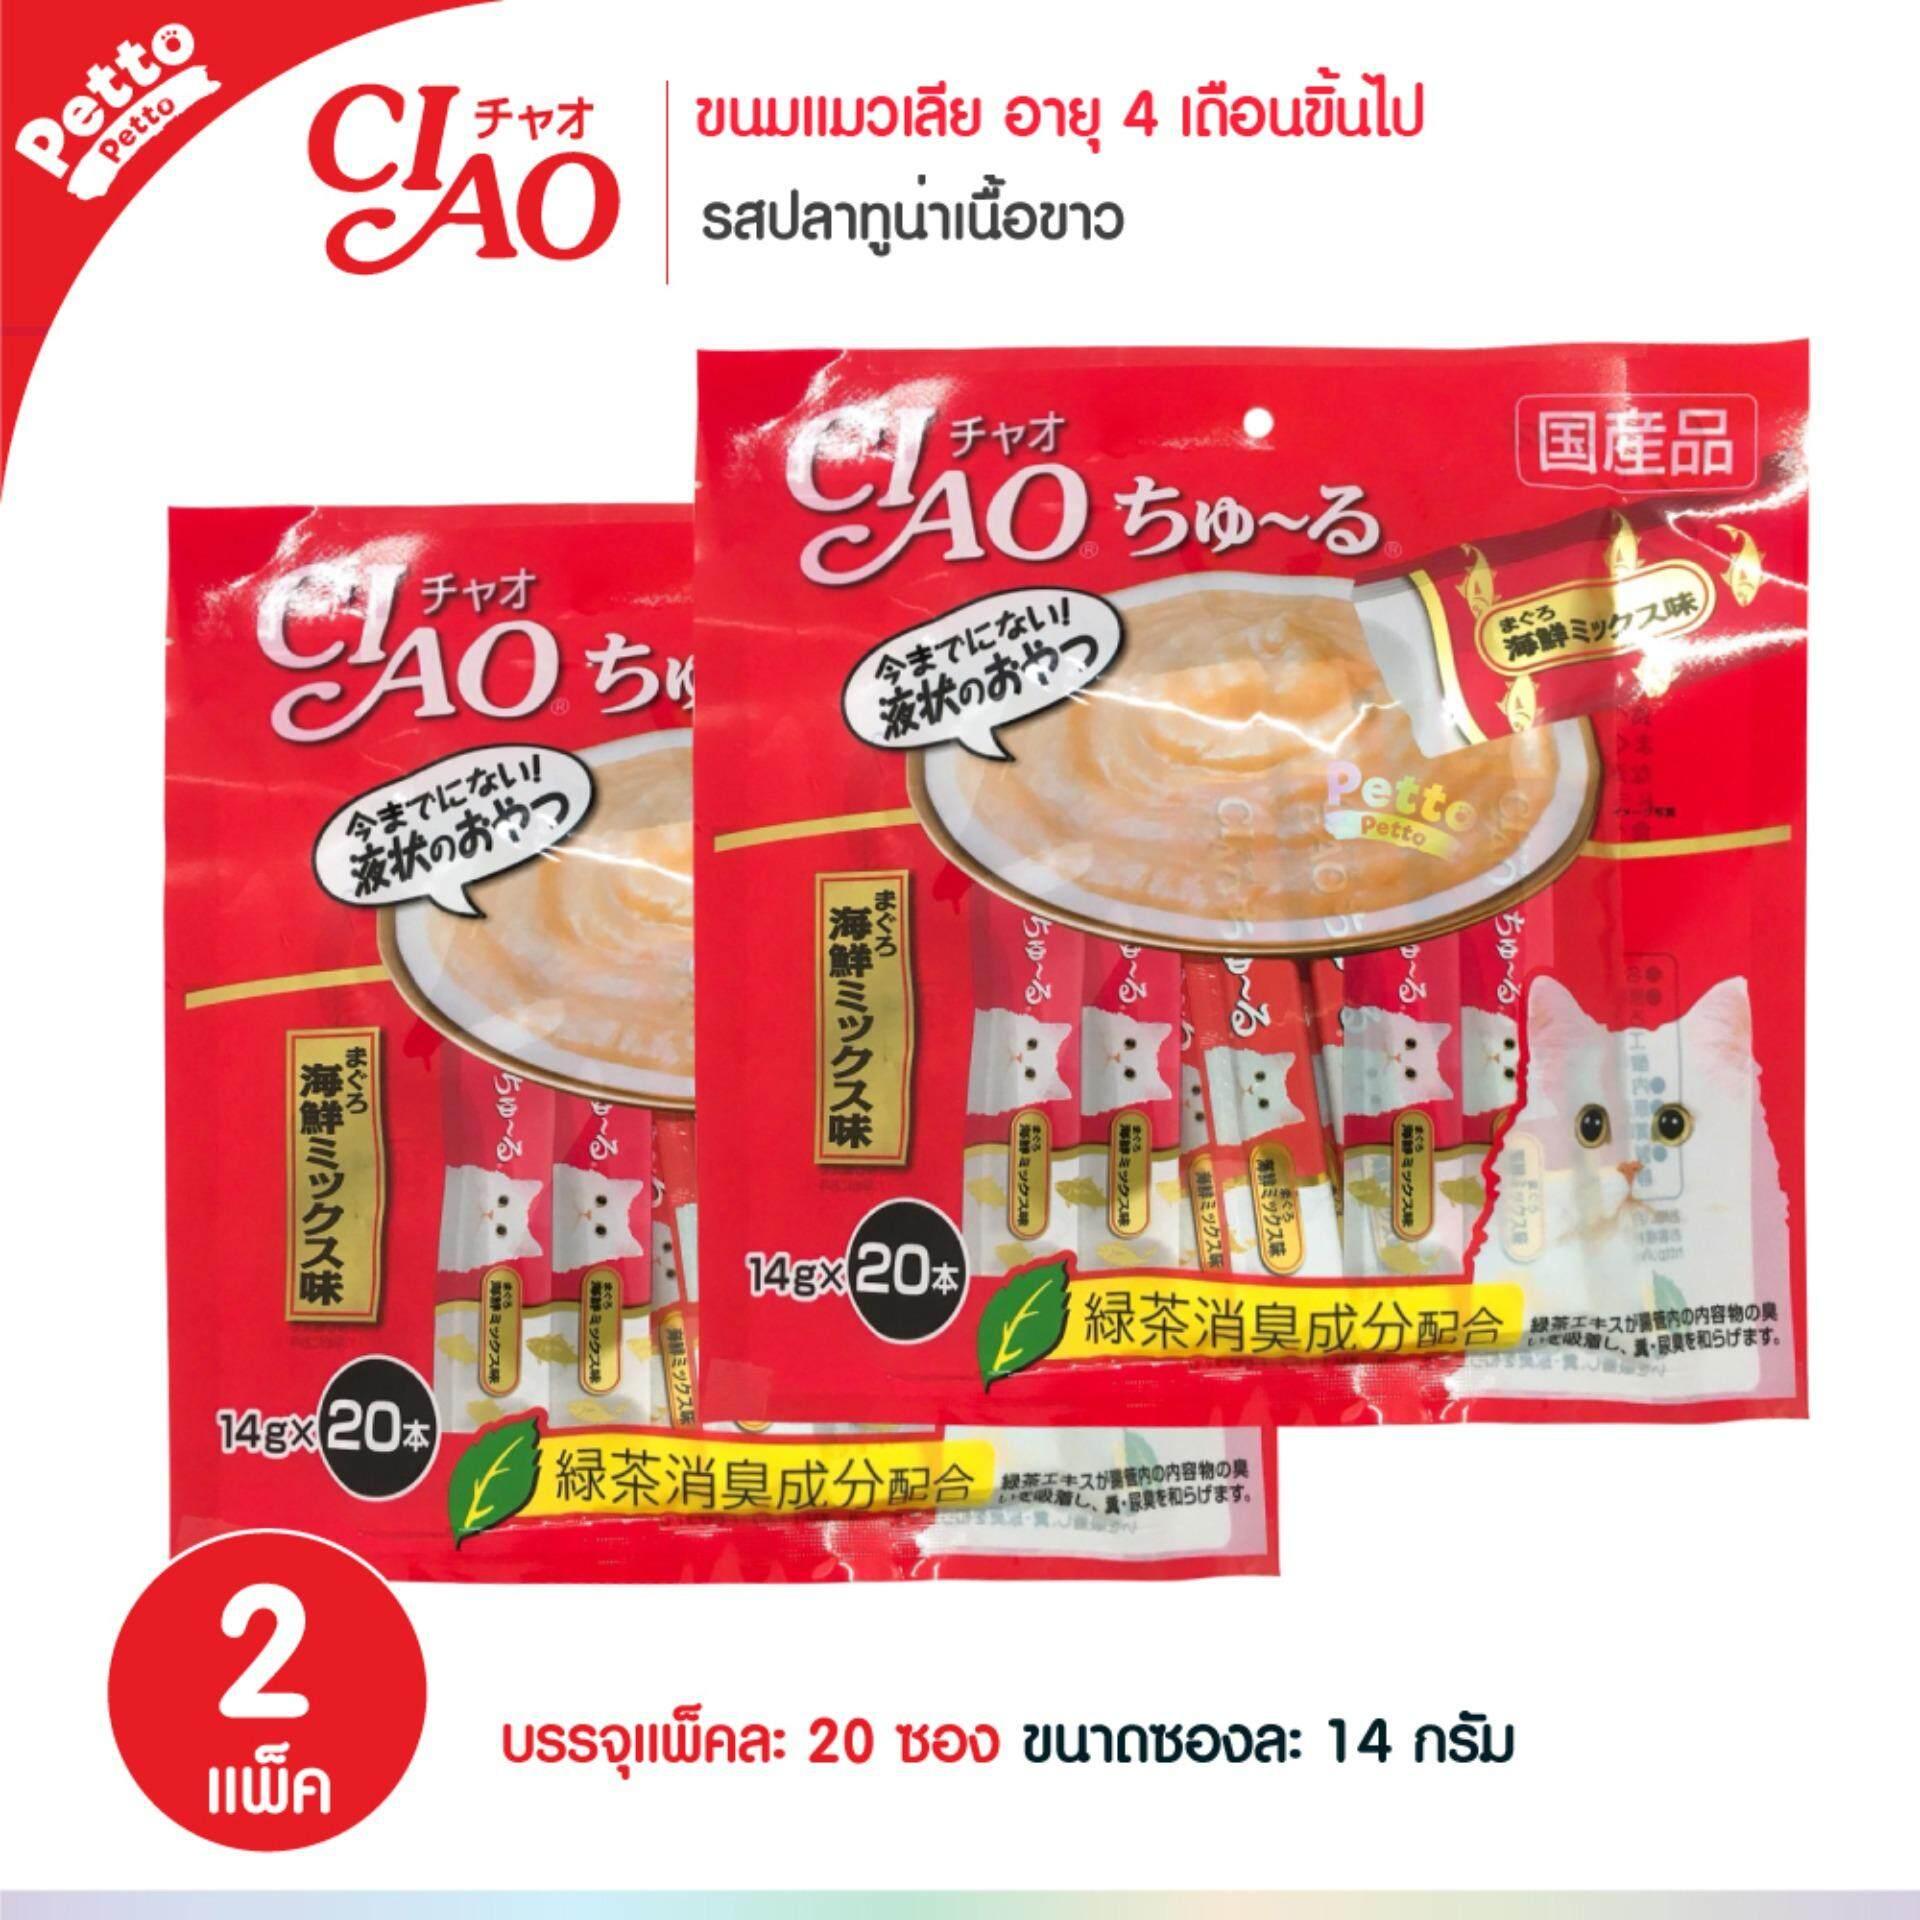 Ciao Churu White Meat Tuna ขนมแมวเลีย สูตรปลาทูน่าเนื้อขาว (14g X 20 ซอง) - 2 Units.